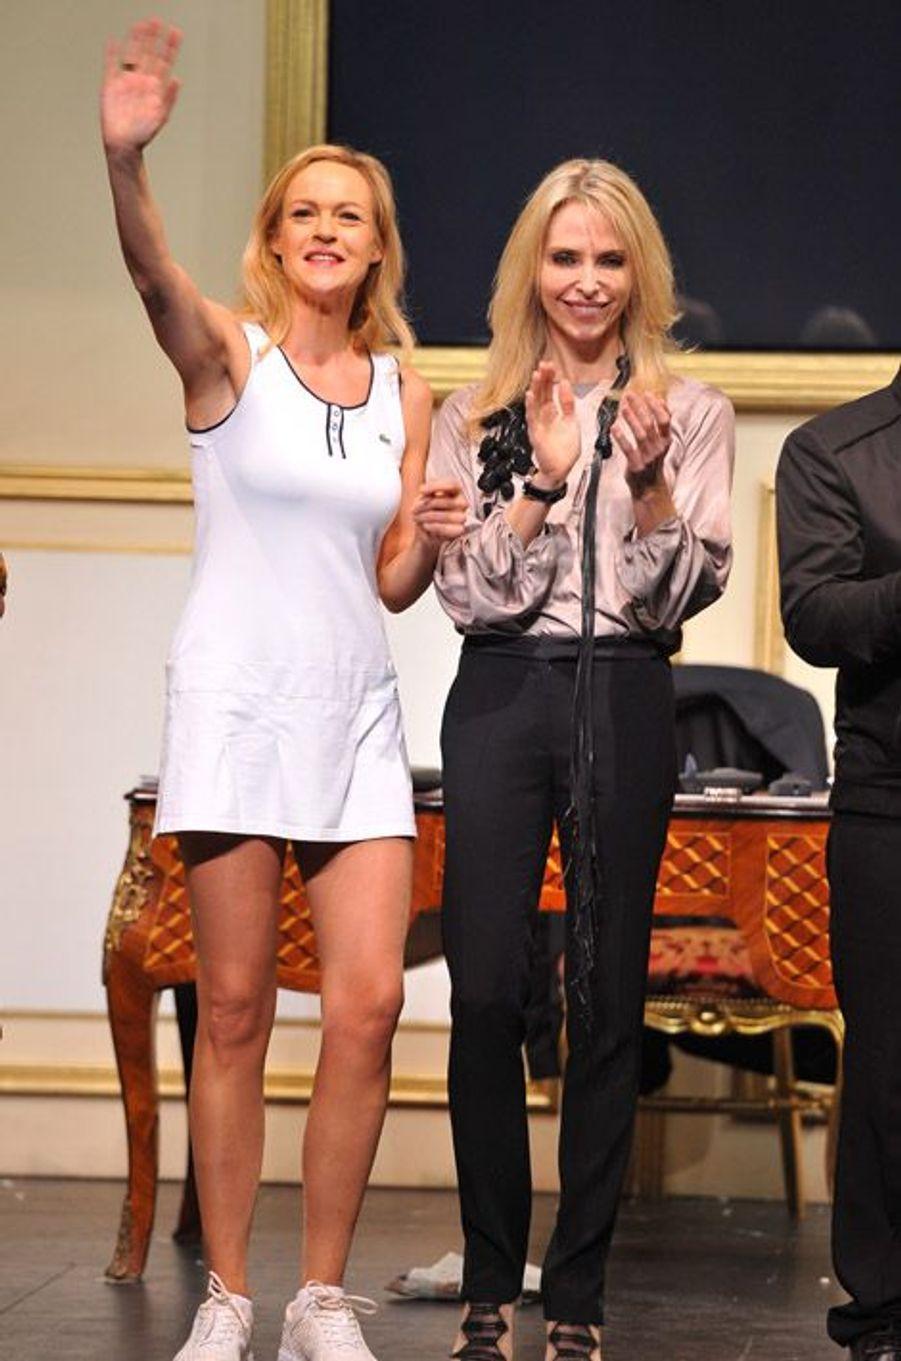 Tonya Kinzinger dans la pièce Le président, sa femme et moi, en 2011